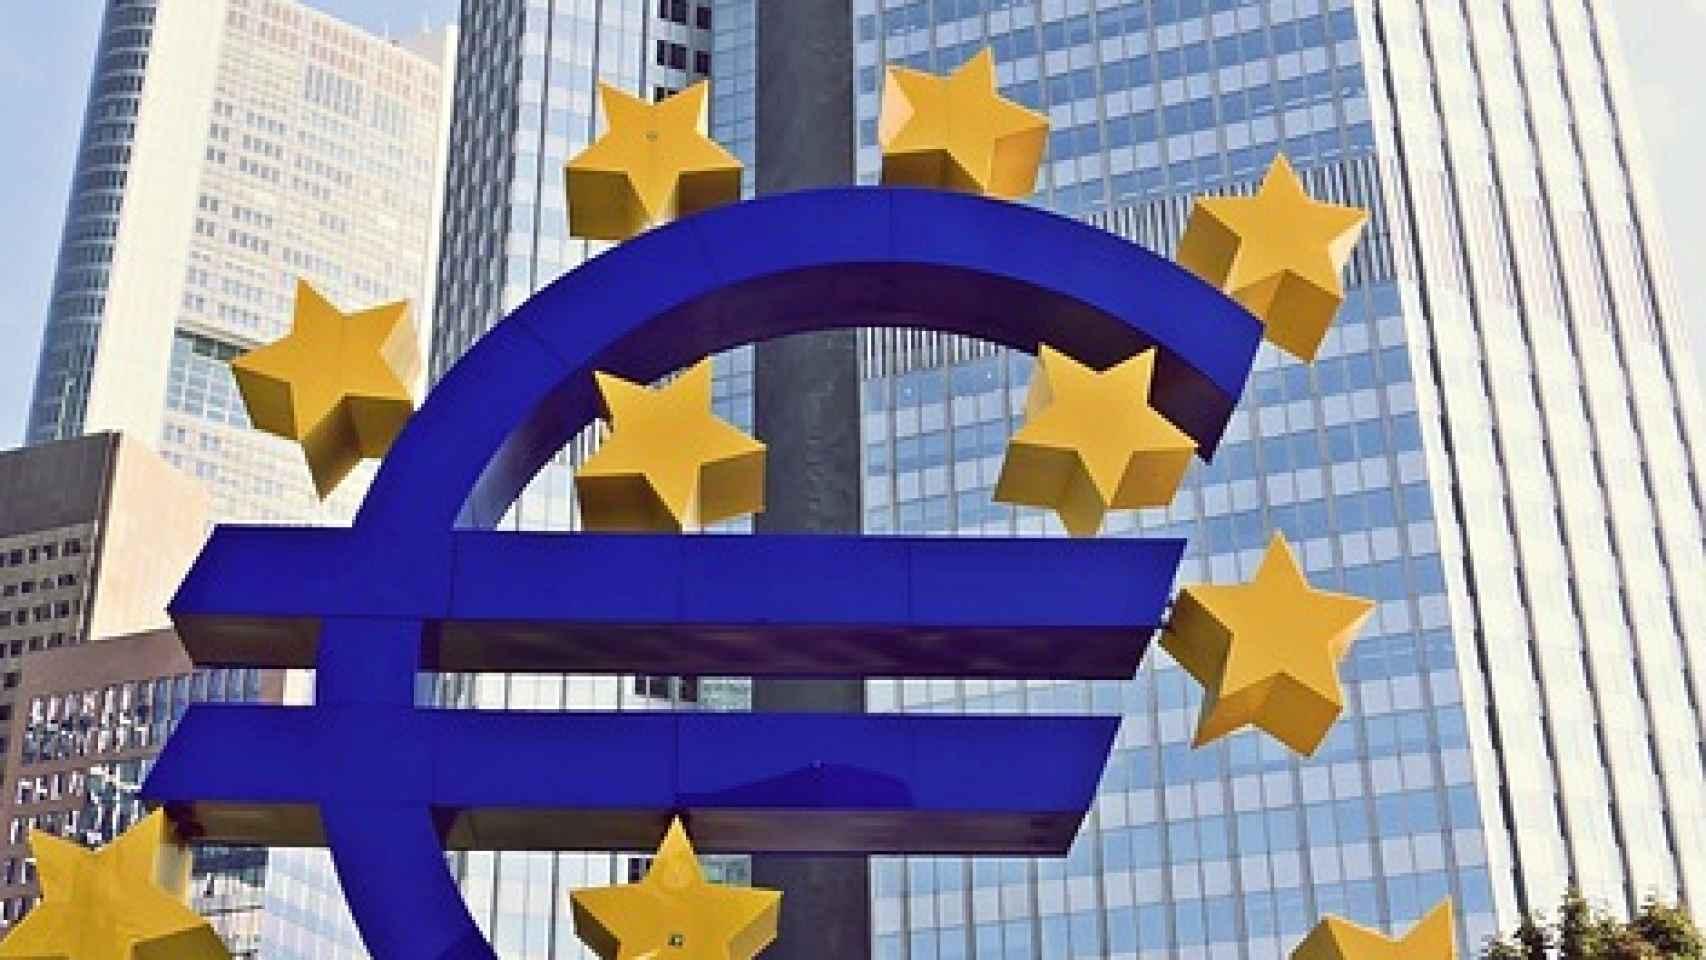 Imagen de la fachada del BCE en Frankfurt | Pixabay